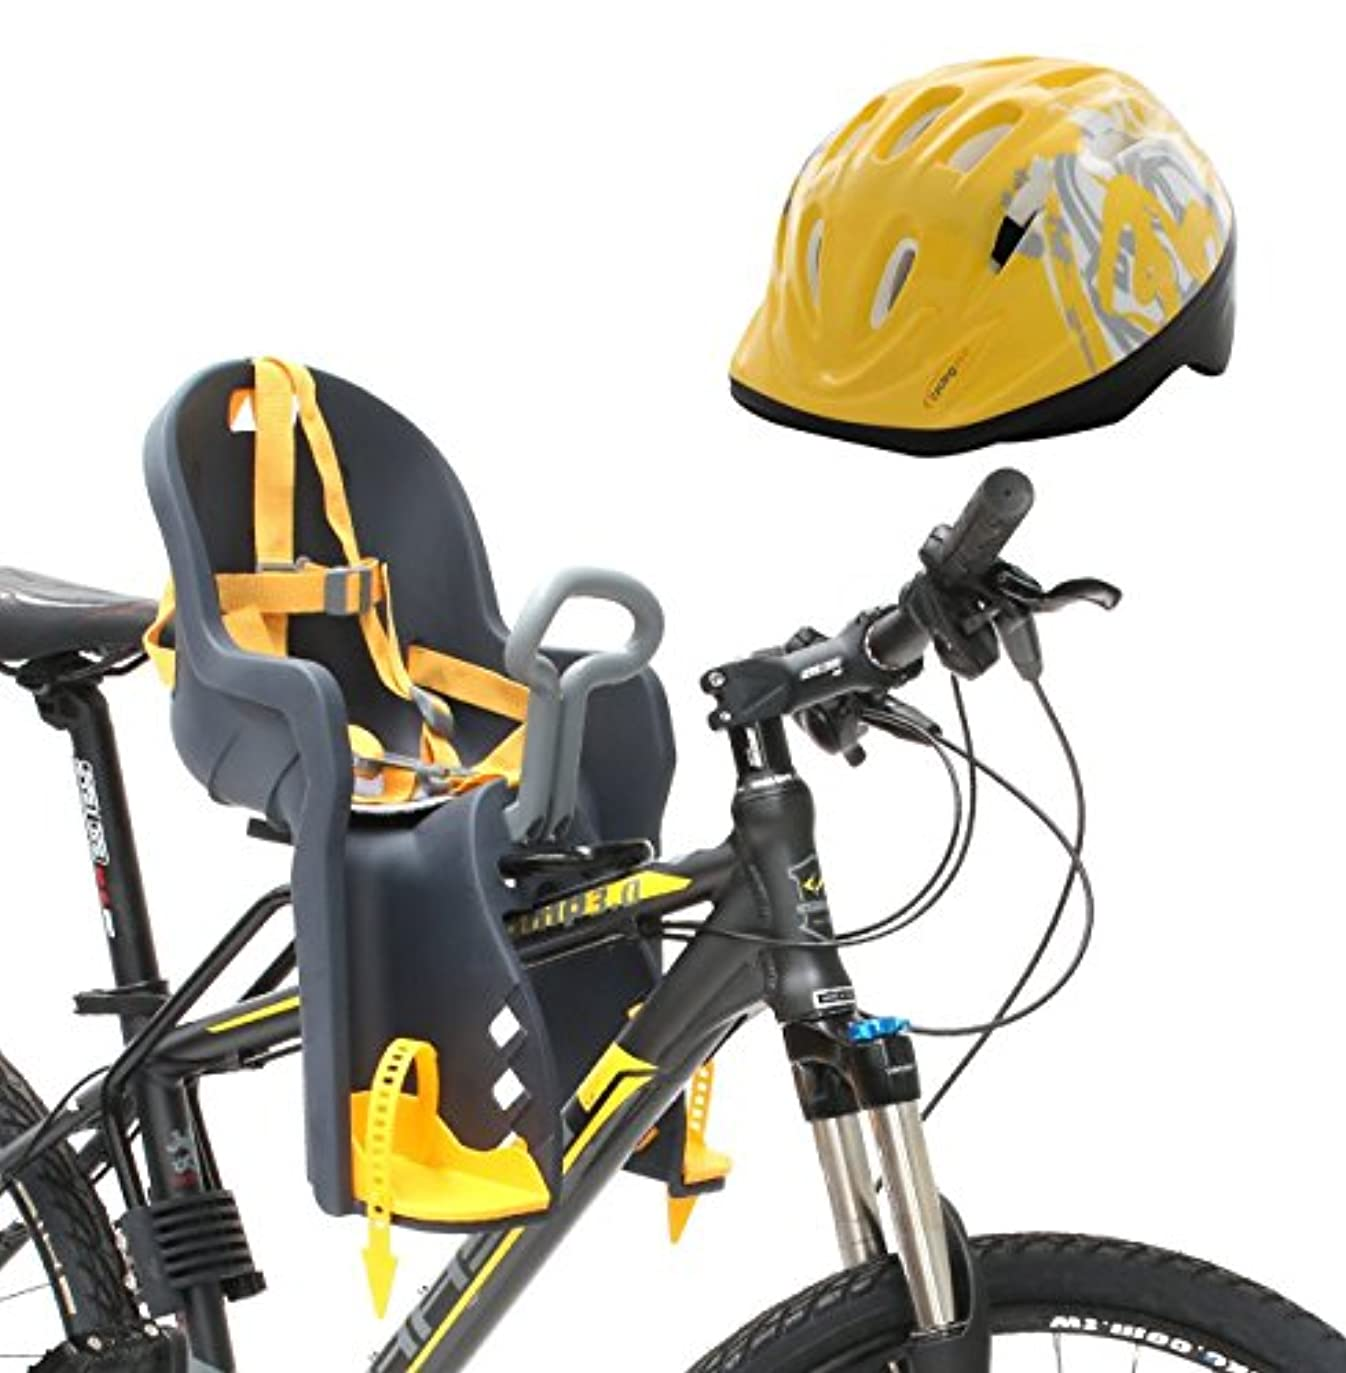 ラフ睡眠キャンペーン煙突Bike Front Baby Seat Carrier with Handrail and Helmet by CyclingDeal